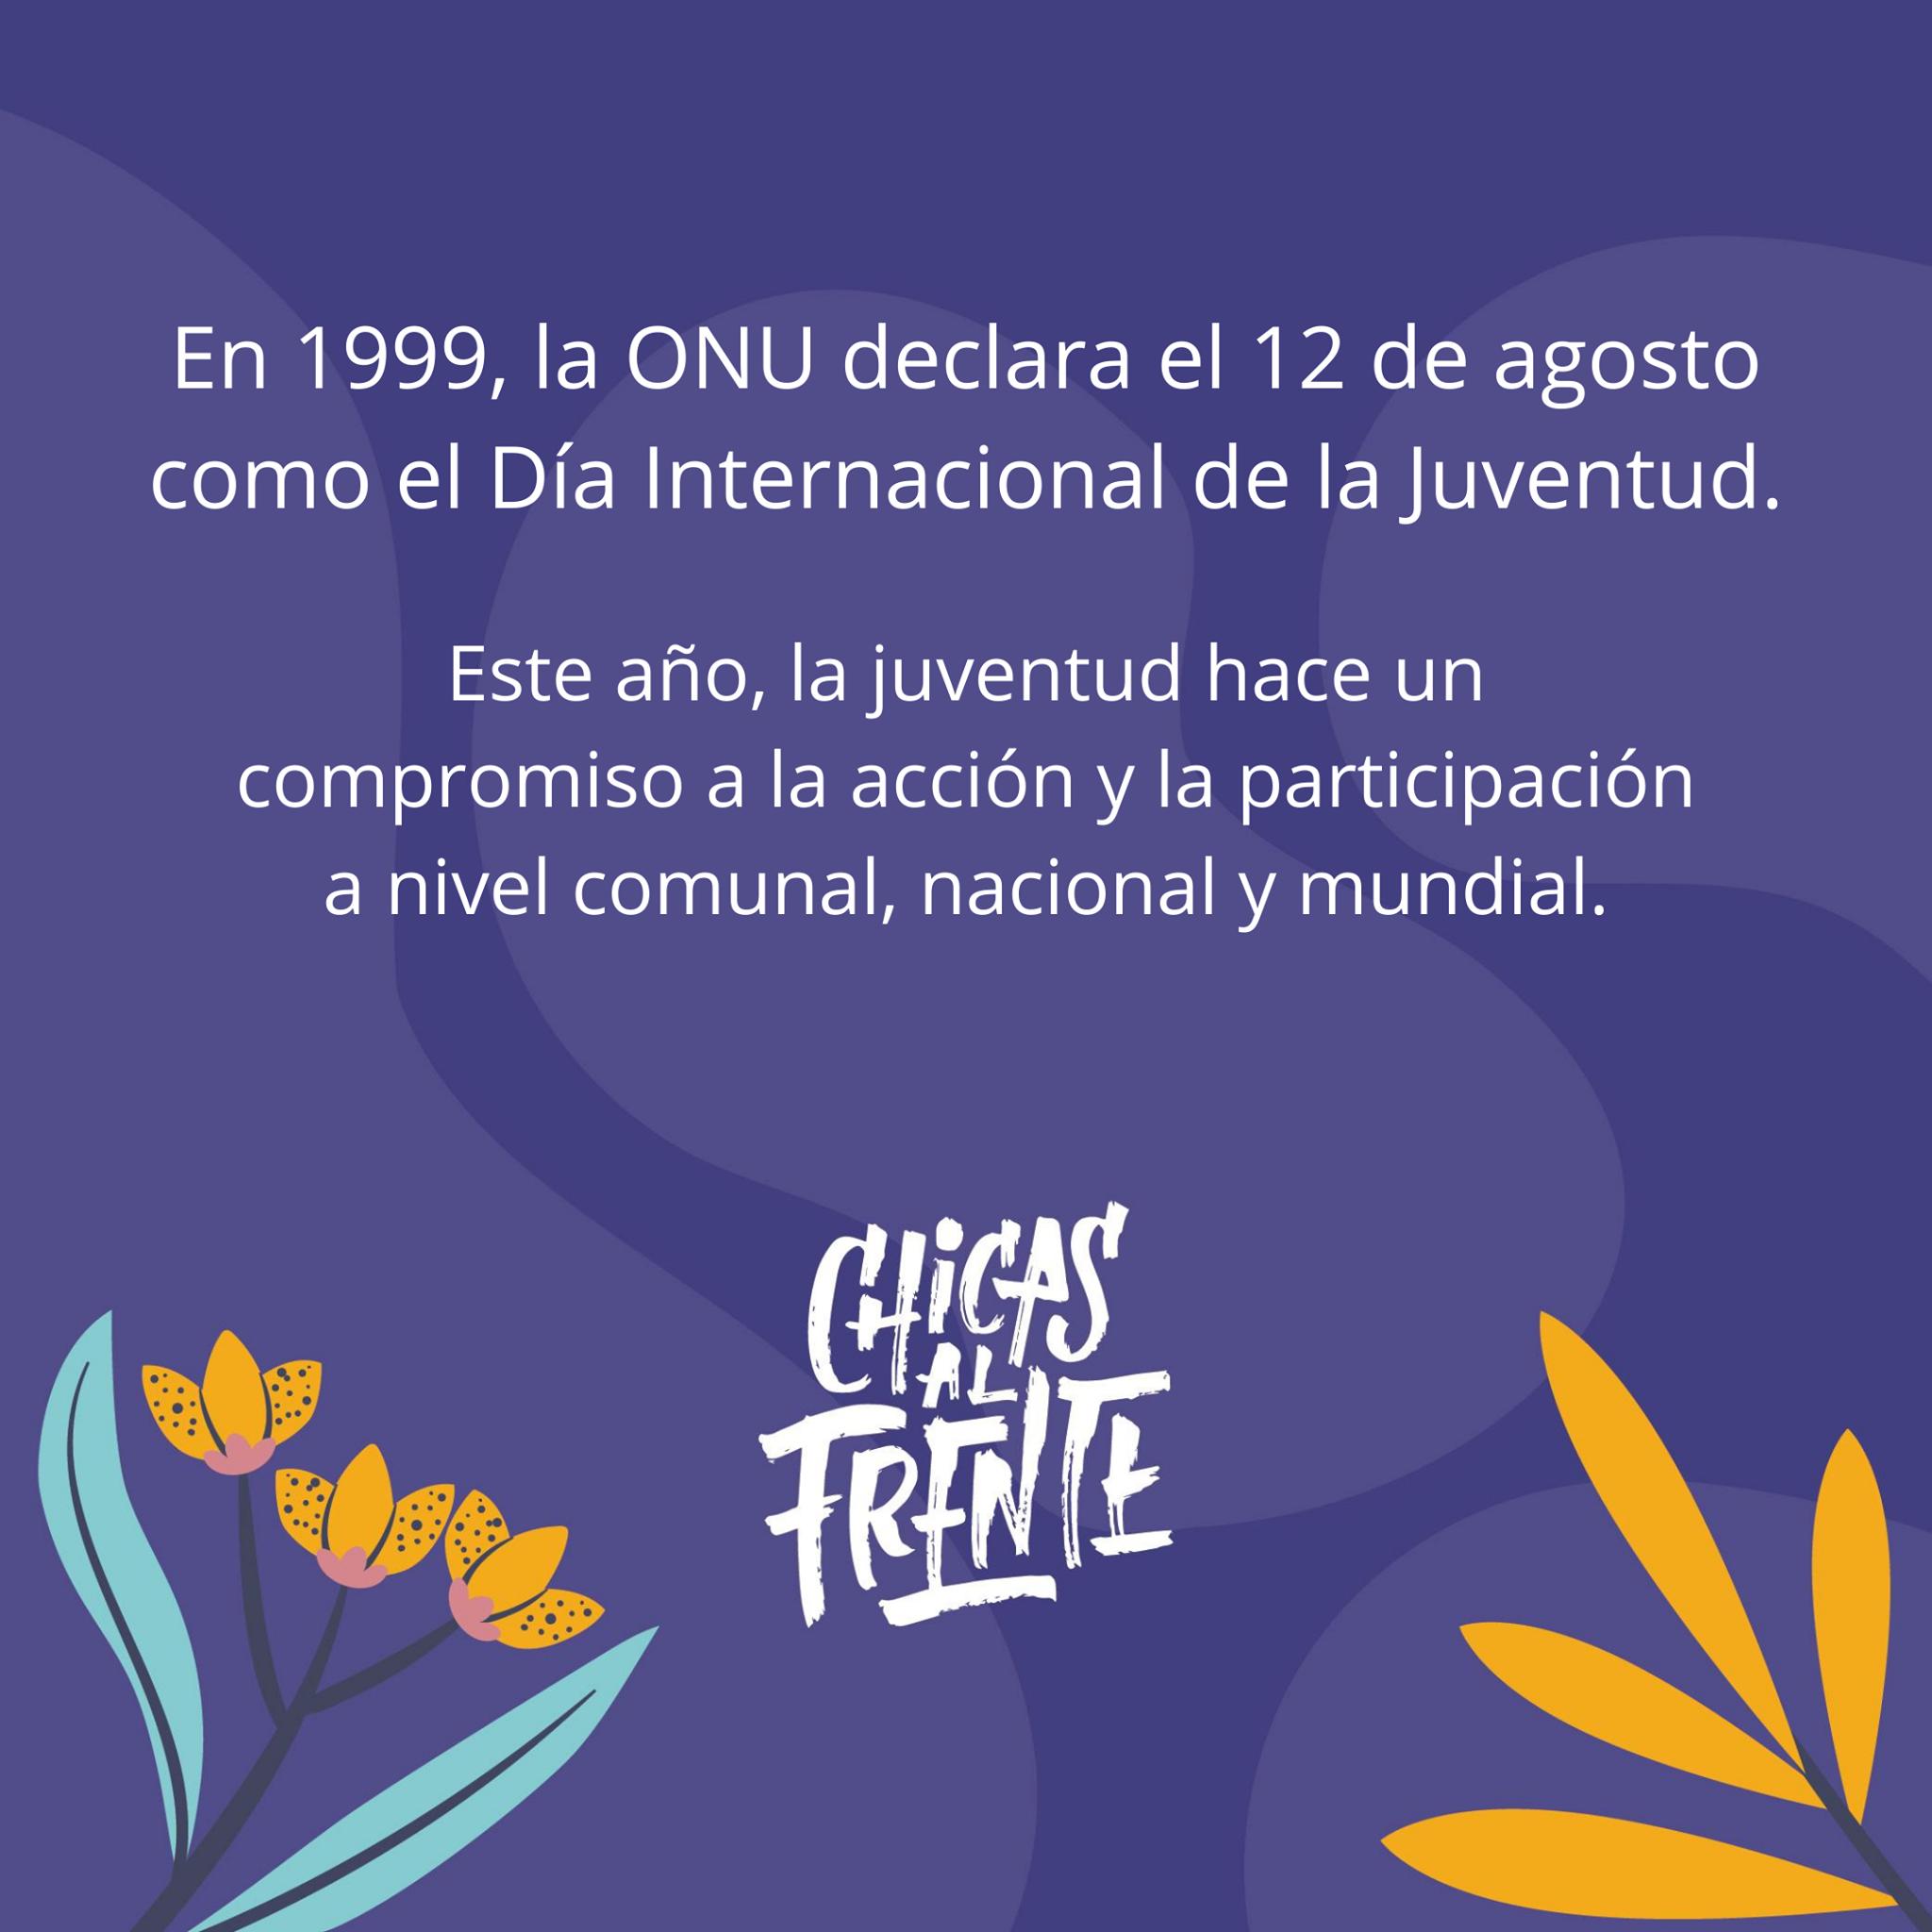 En 1999, la ONU declara el 12 de agosto como el Día Internacional de la Juventud.  Este año, la juventud hace un compromiso a la acción y la participación a nivel comunal, nacional y mundial.  Chicas al Frente.